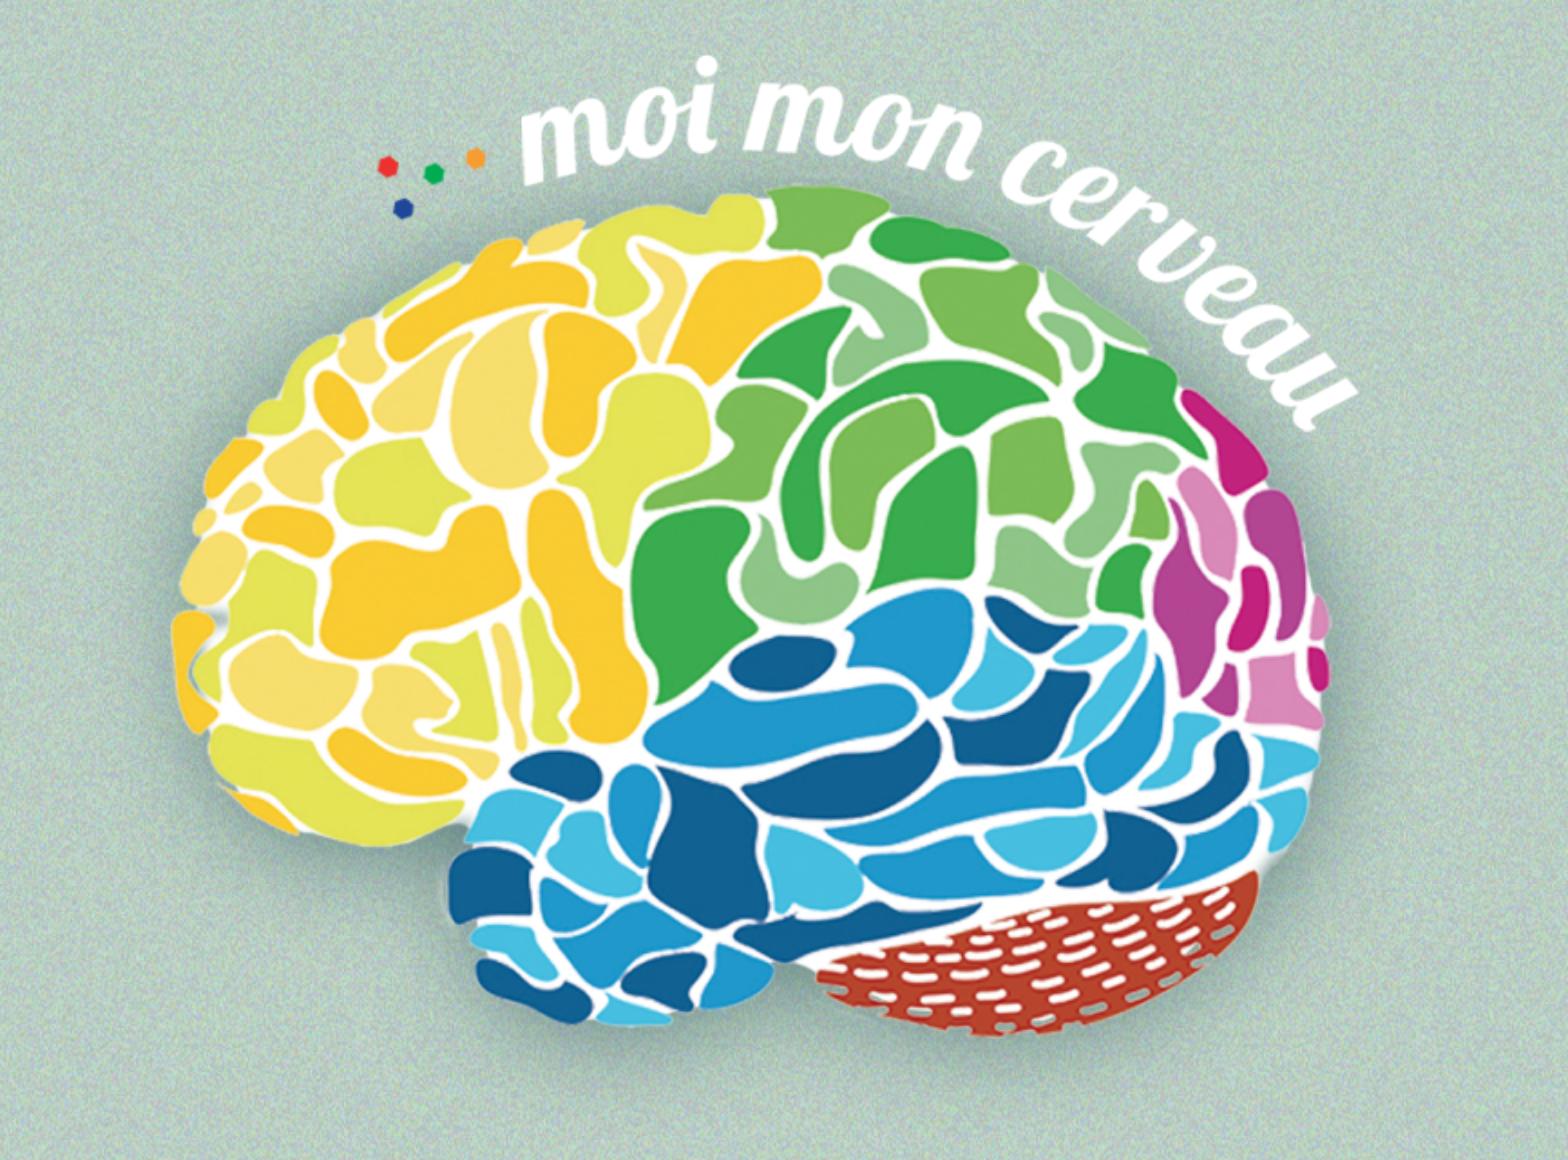 Le cerveau sous toutes ses formes